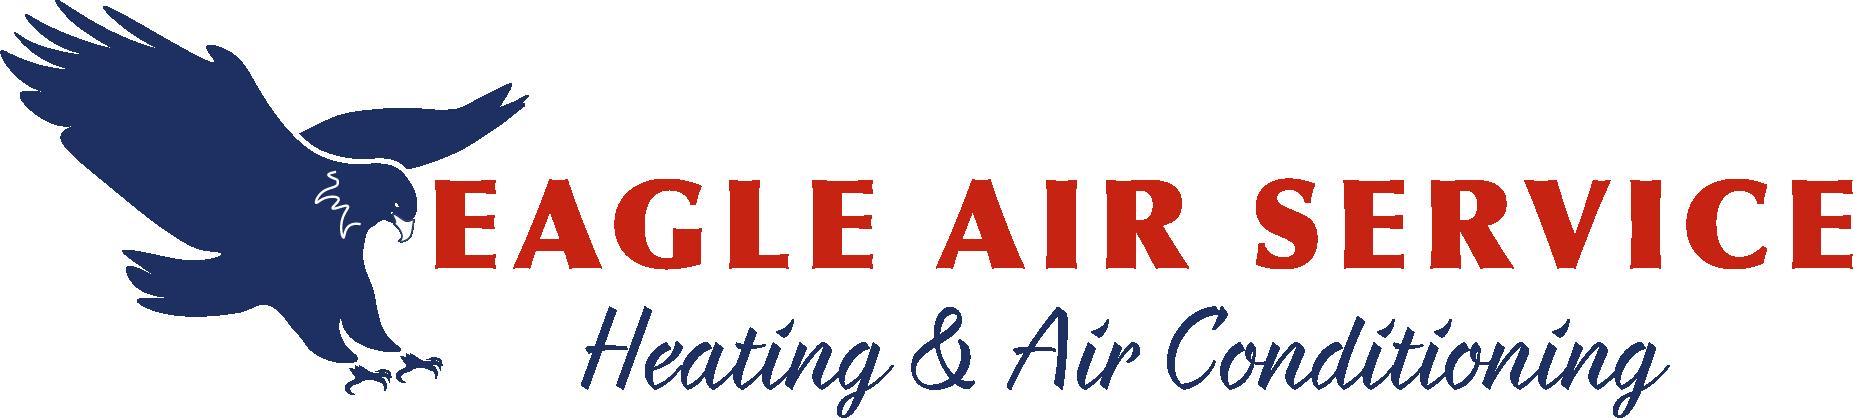 Eagle Air Service